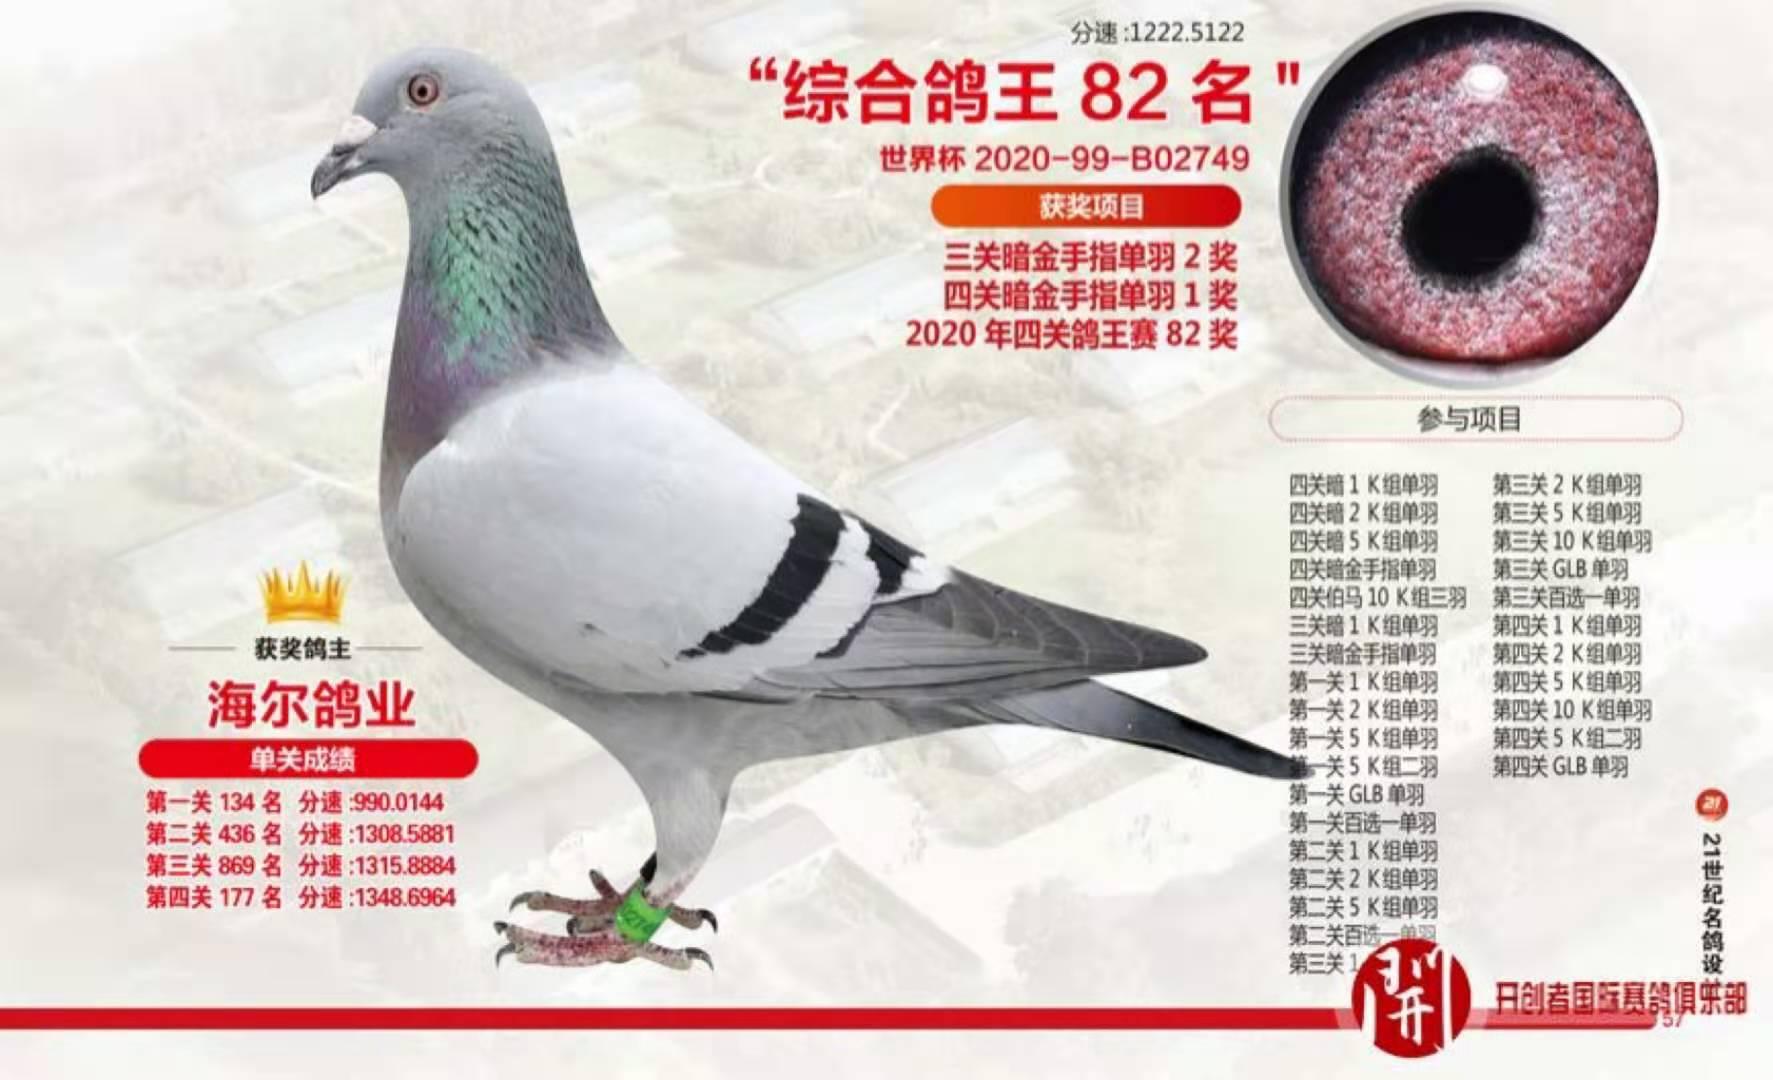 2020年北京开创四关鸽王82位